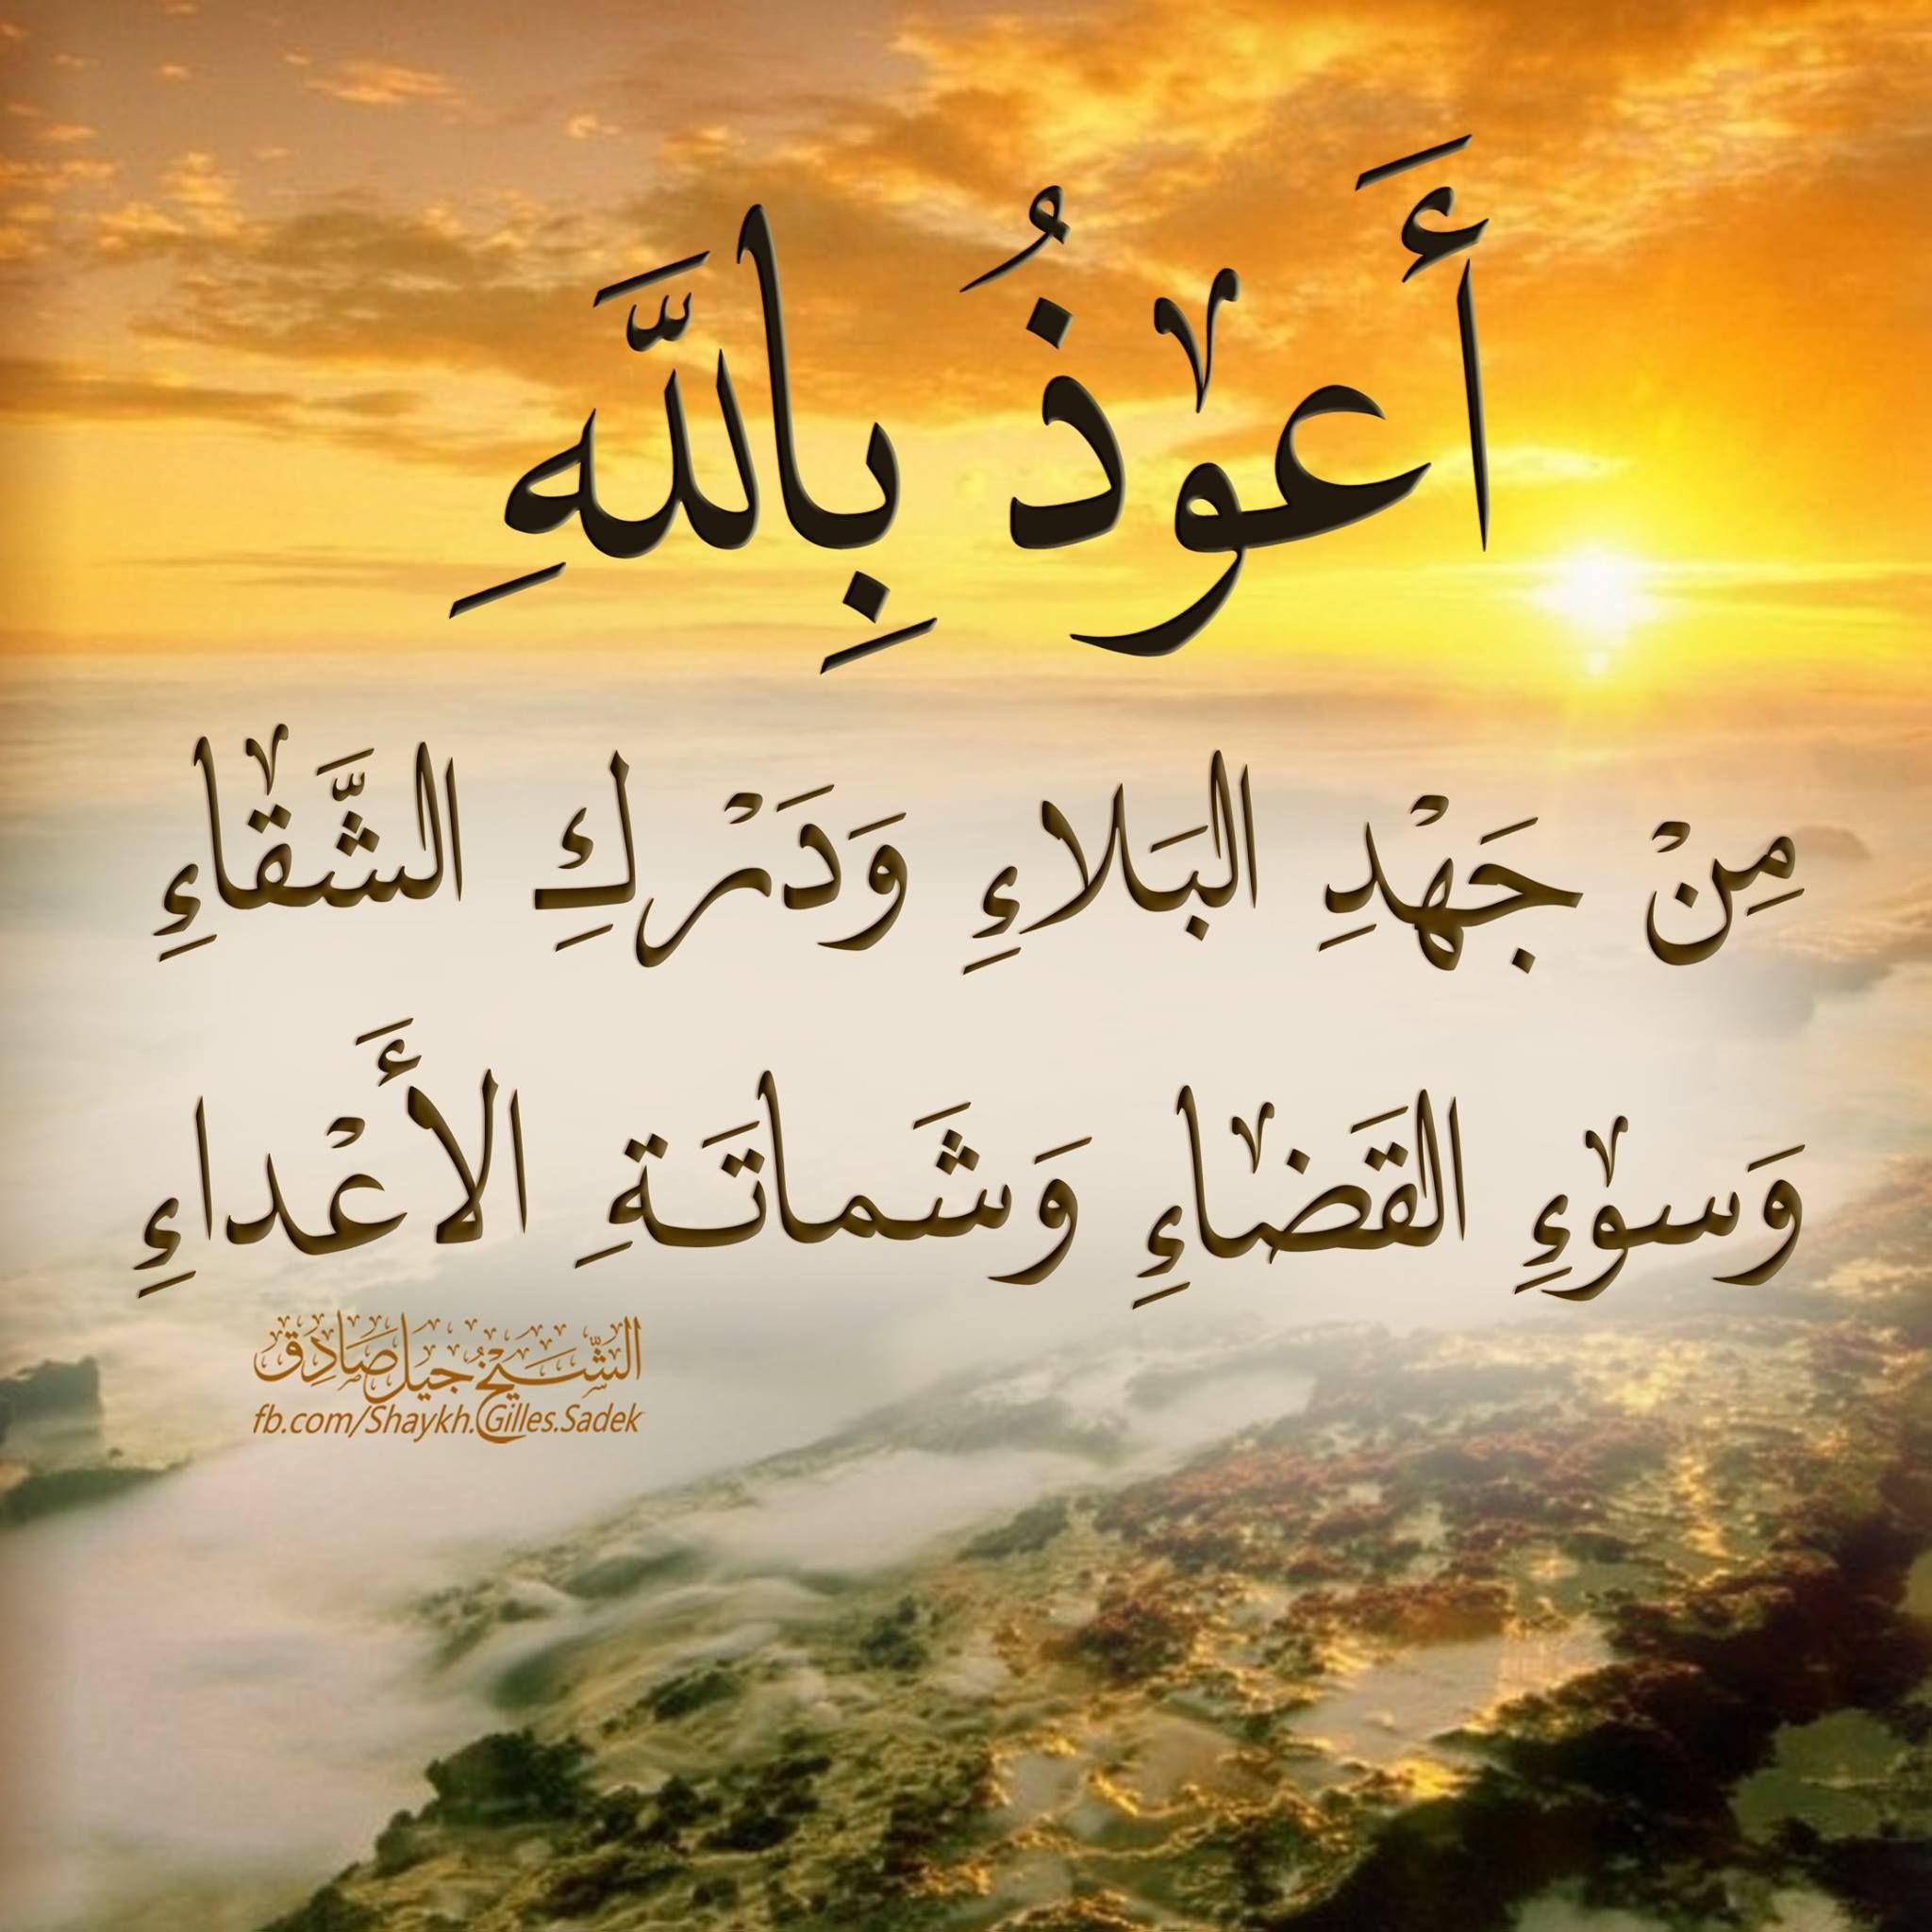 إن جمعية المشاريع الخيرية الإسلامية التي لي شرف الانتساب إليها جمعية إسلامية هدف ها نشر الخير بين النا Beautiful Islamic Quotes Islam Beliefs Islam Facts